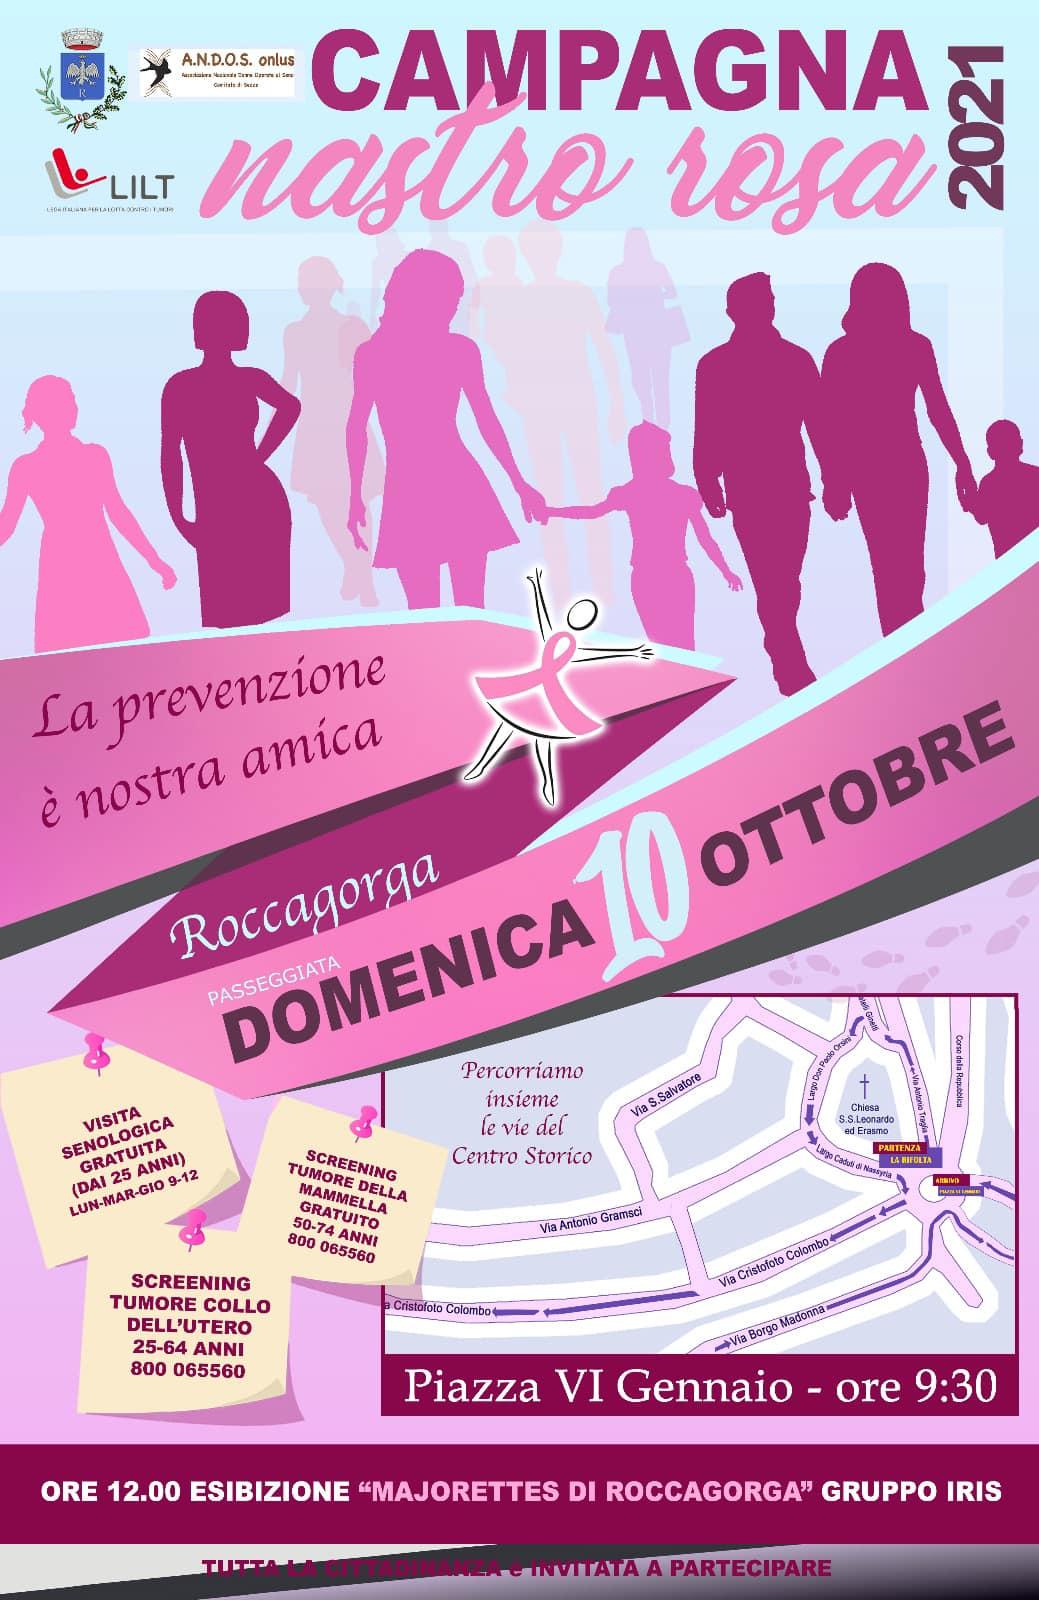 Roccagorga: Campagna Nastro Rosa 2021 @ Piazza VI Gennaio